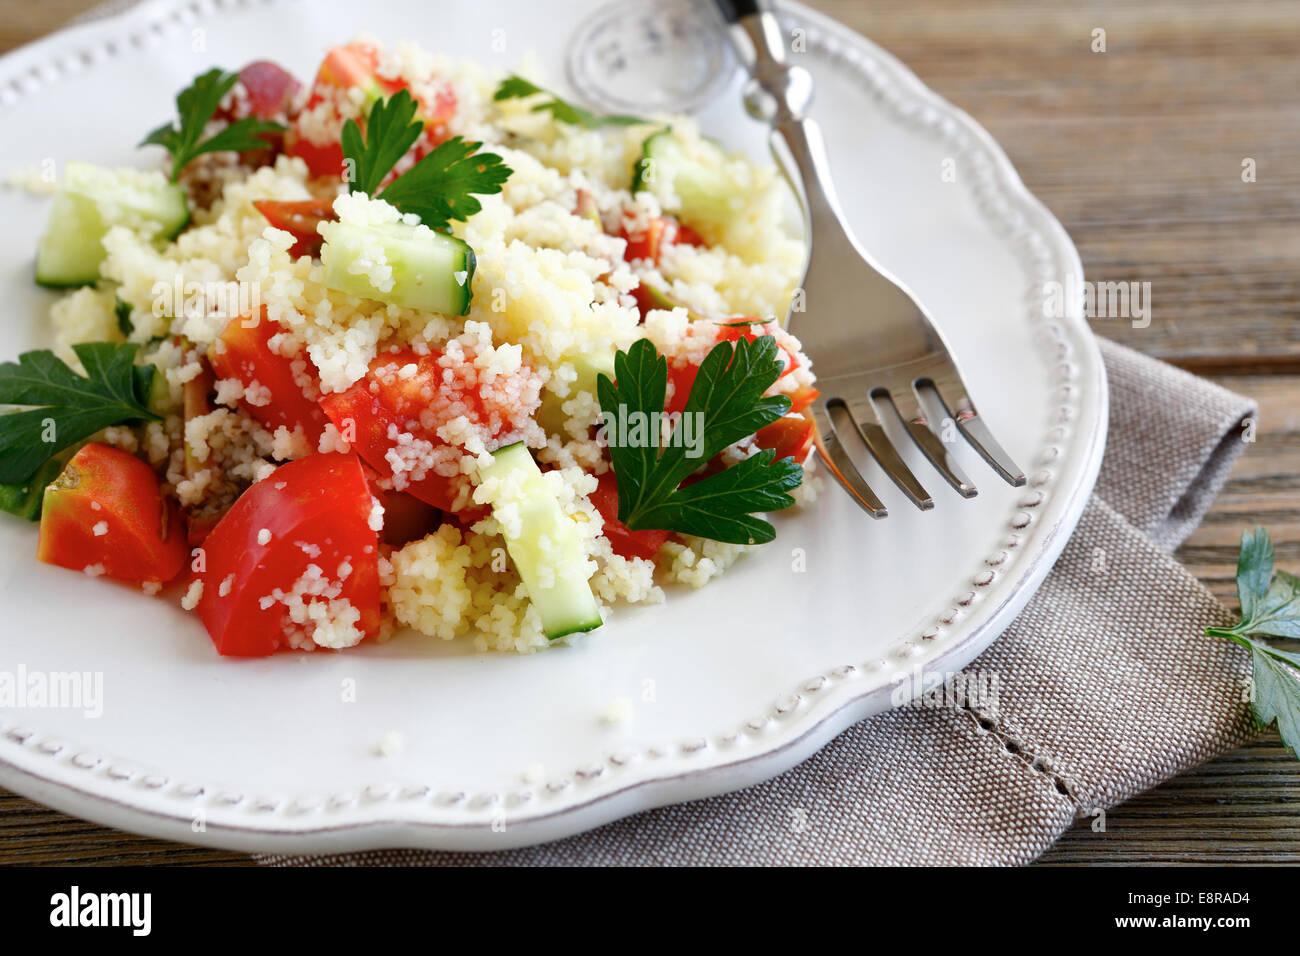 Avec salade de couscous et de légumes sur une assiette blanche, de l'alimentation libre Photo Stock